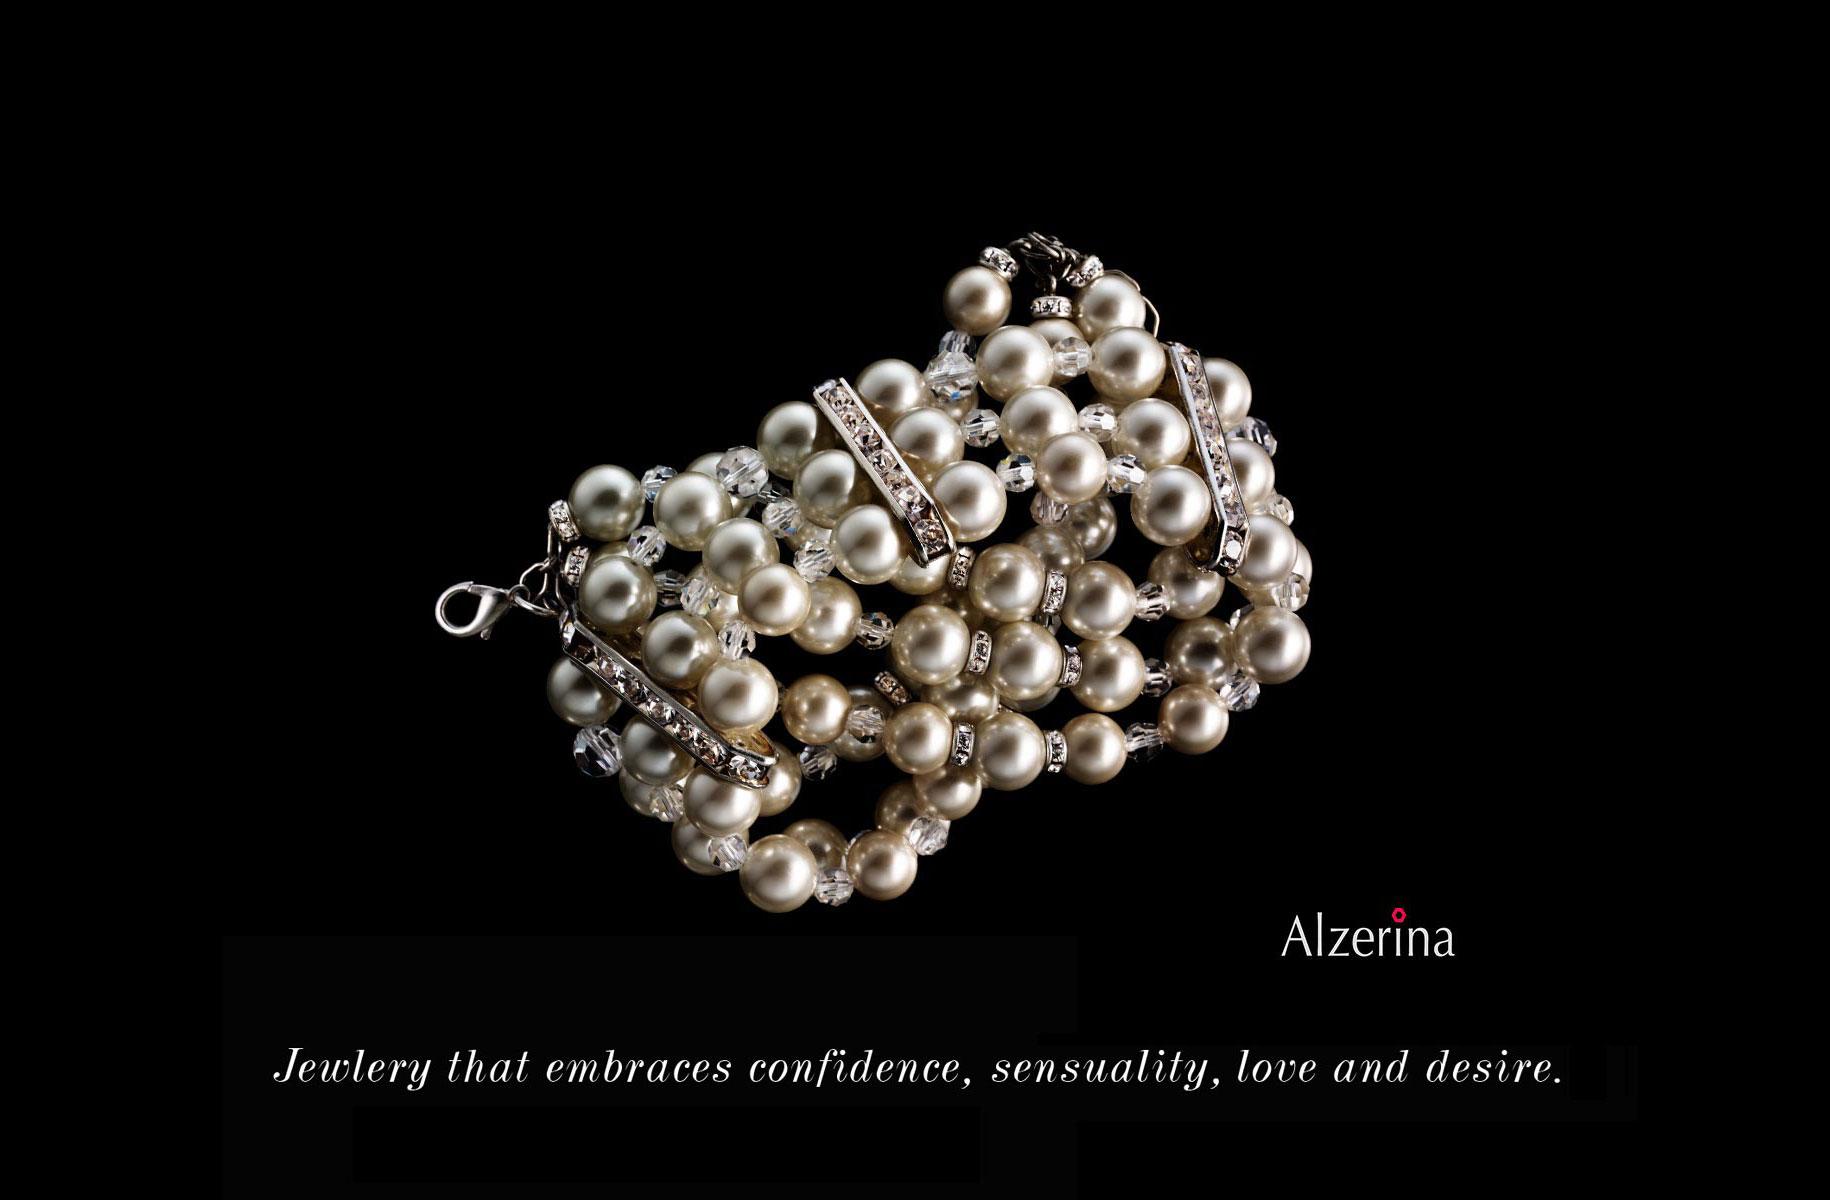 101202_85b_Alzerina_Pearl-149673_d.jpg